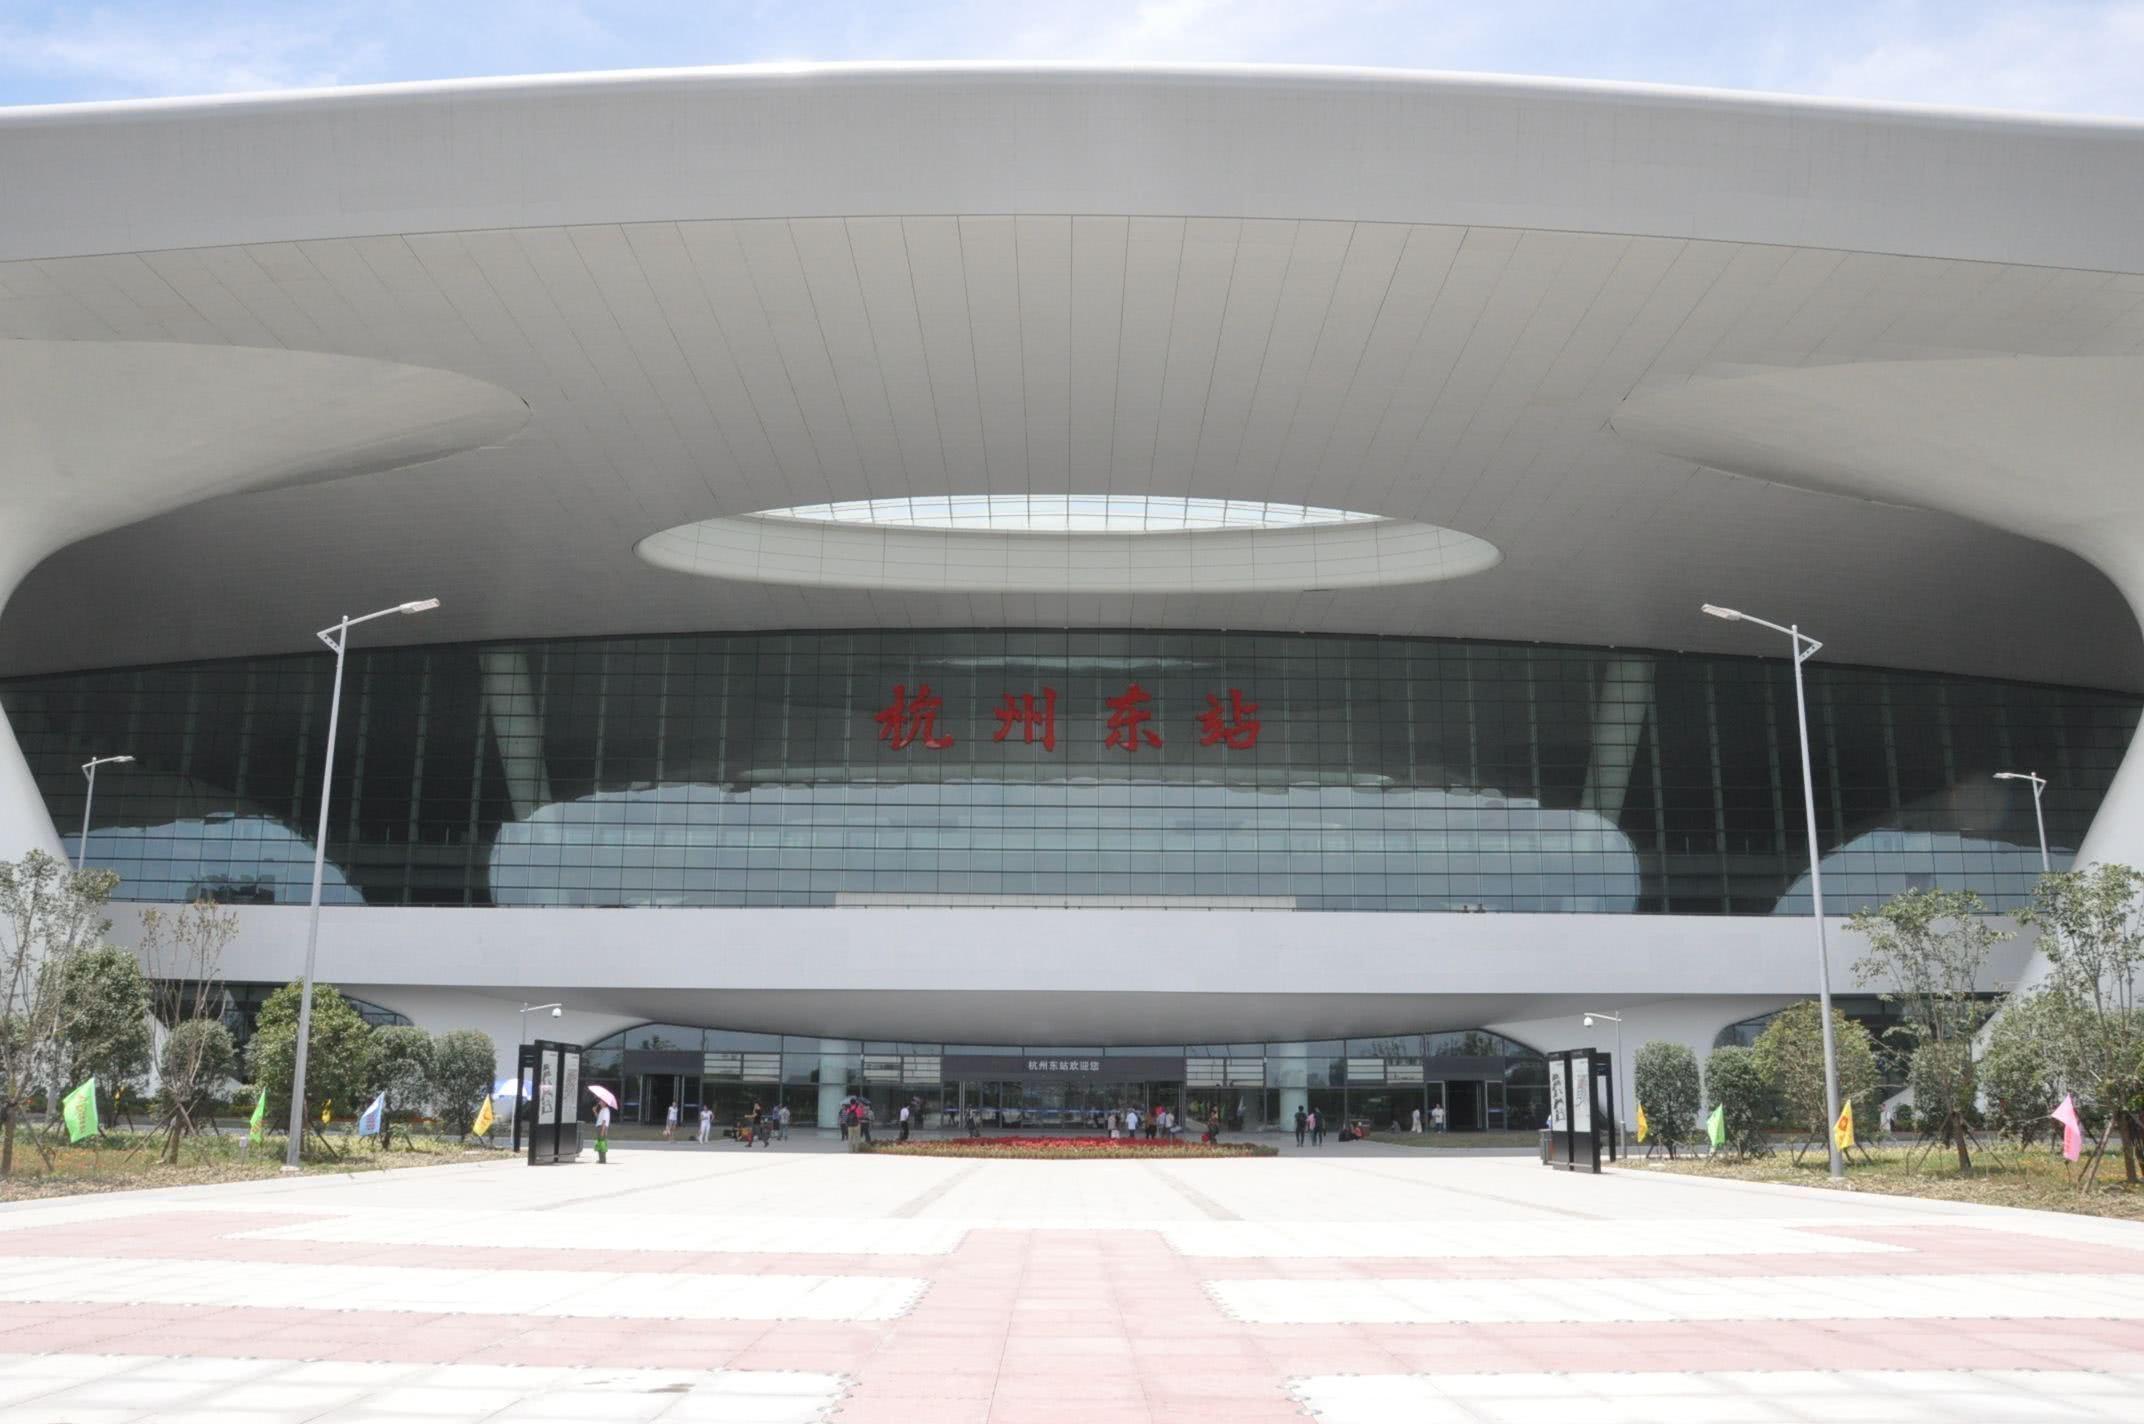 暑期准备一家三口。宜兴高铁到杭州。帮忙推荐下... _易发生活网